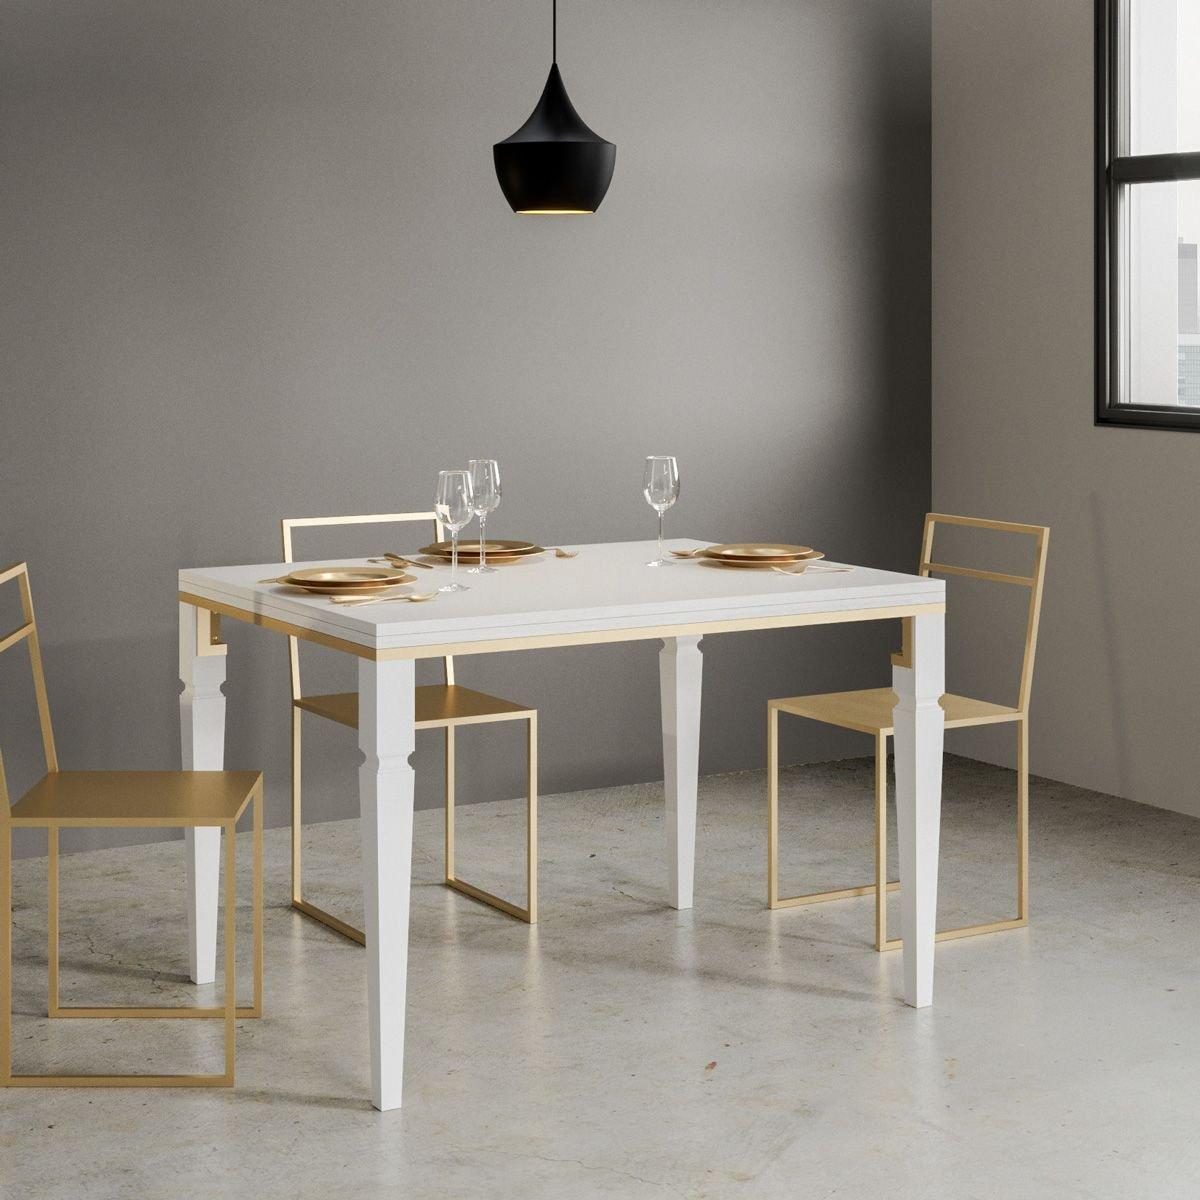 Itamoby Tavolo Impero Libra Allungabile Rettangolare Legno Bianco Frassino 120 X 90 Itamoby Tavoli E Sedie Tavoli